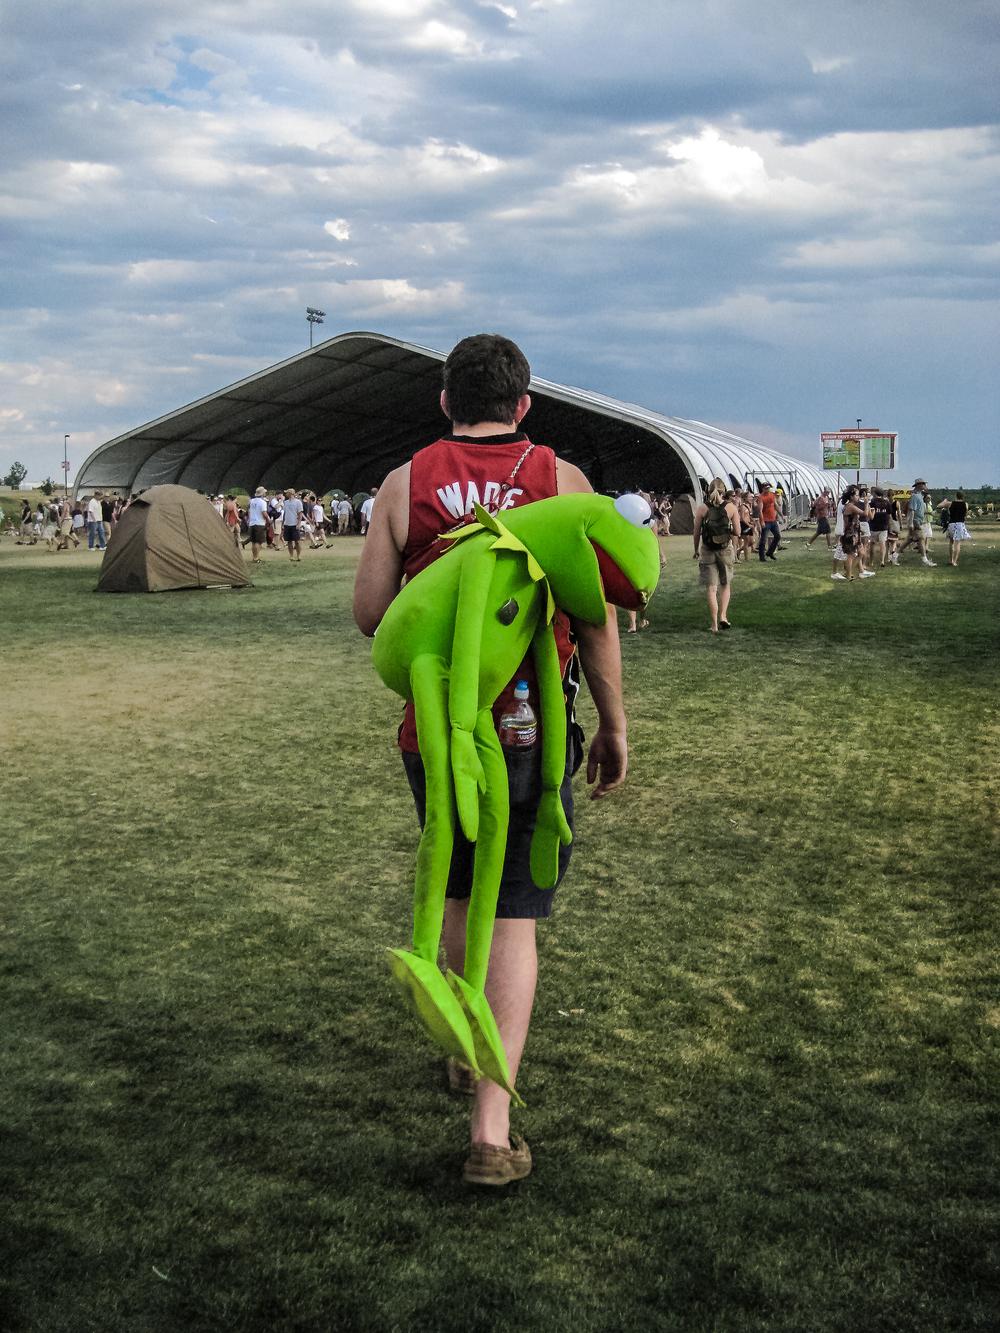 7/19/08 Denver, CO